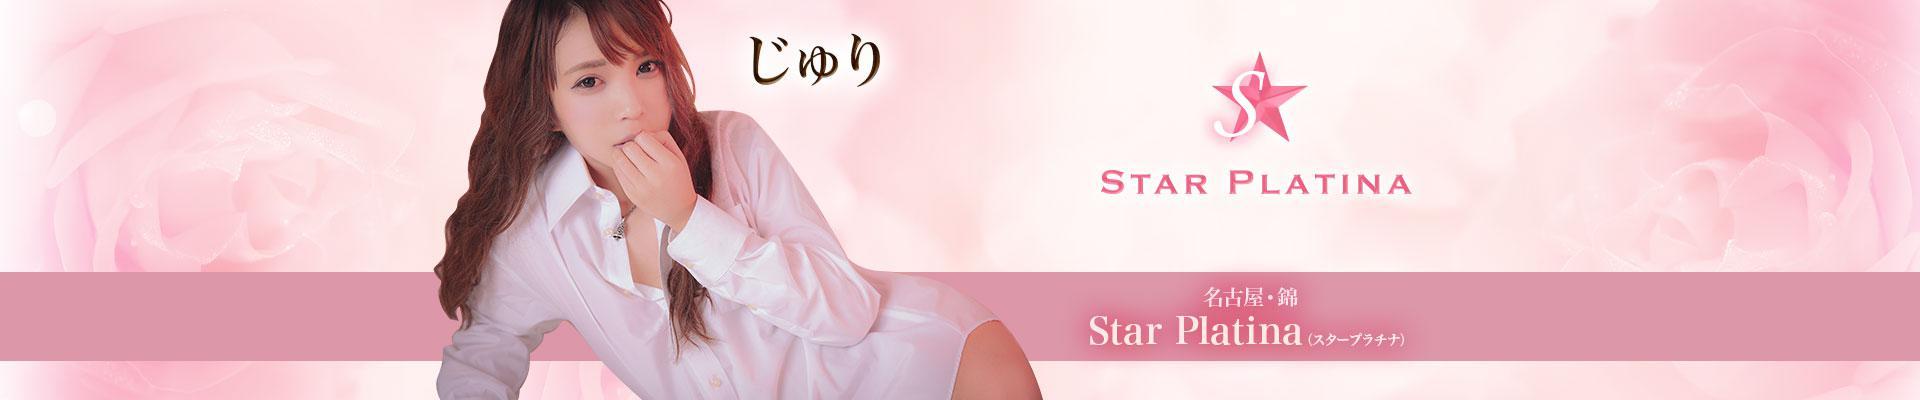 錦・栄のセクキャバ「Star Platina(スタープラチナ)」